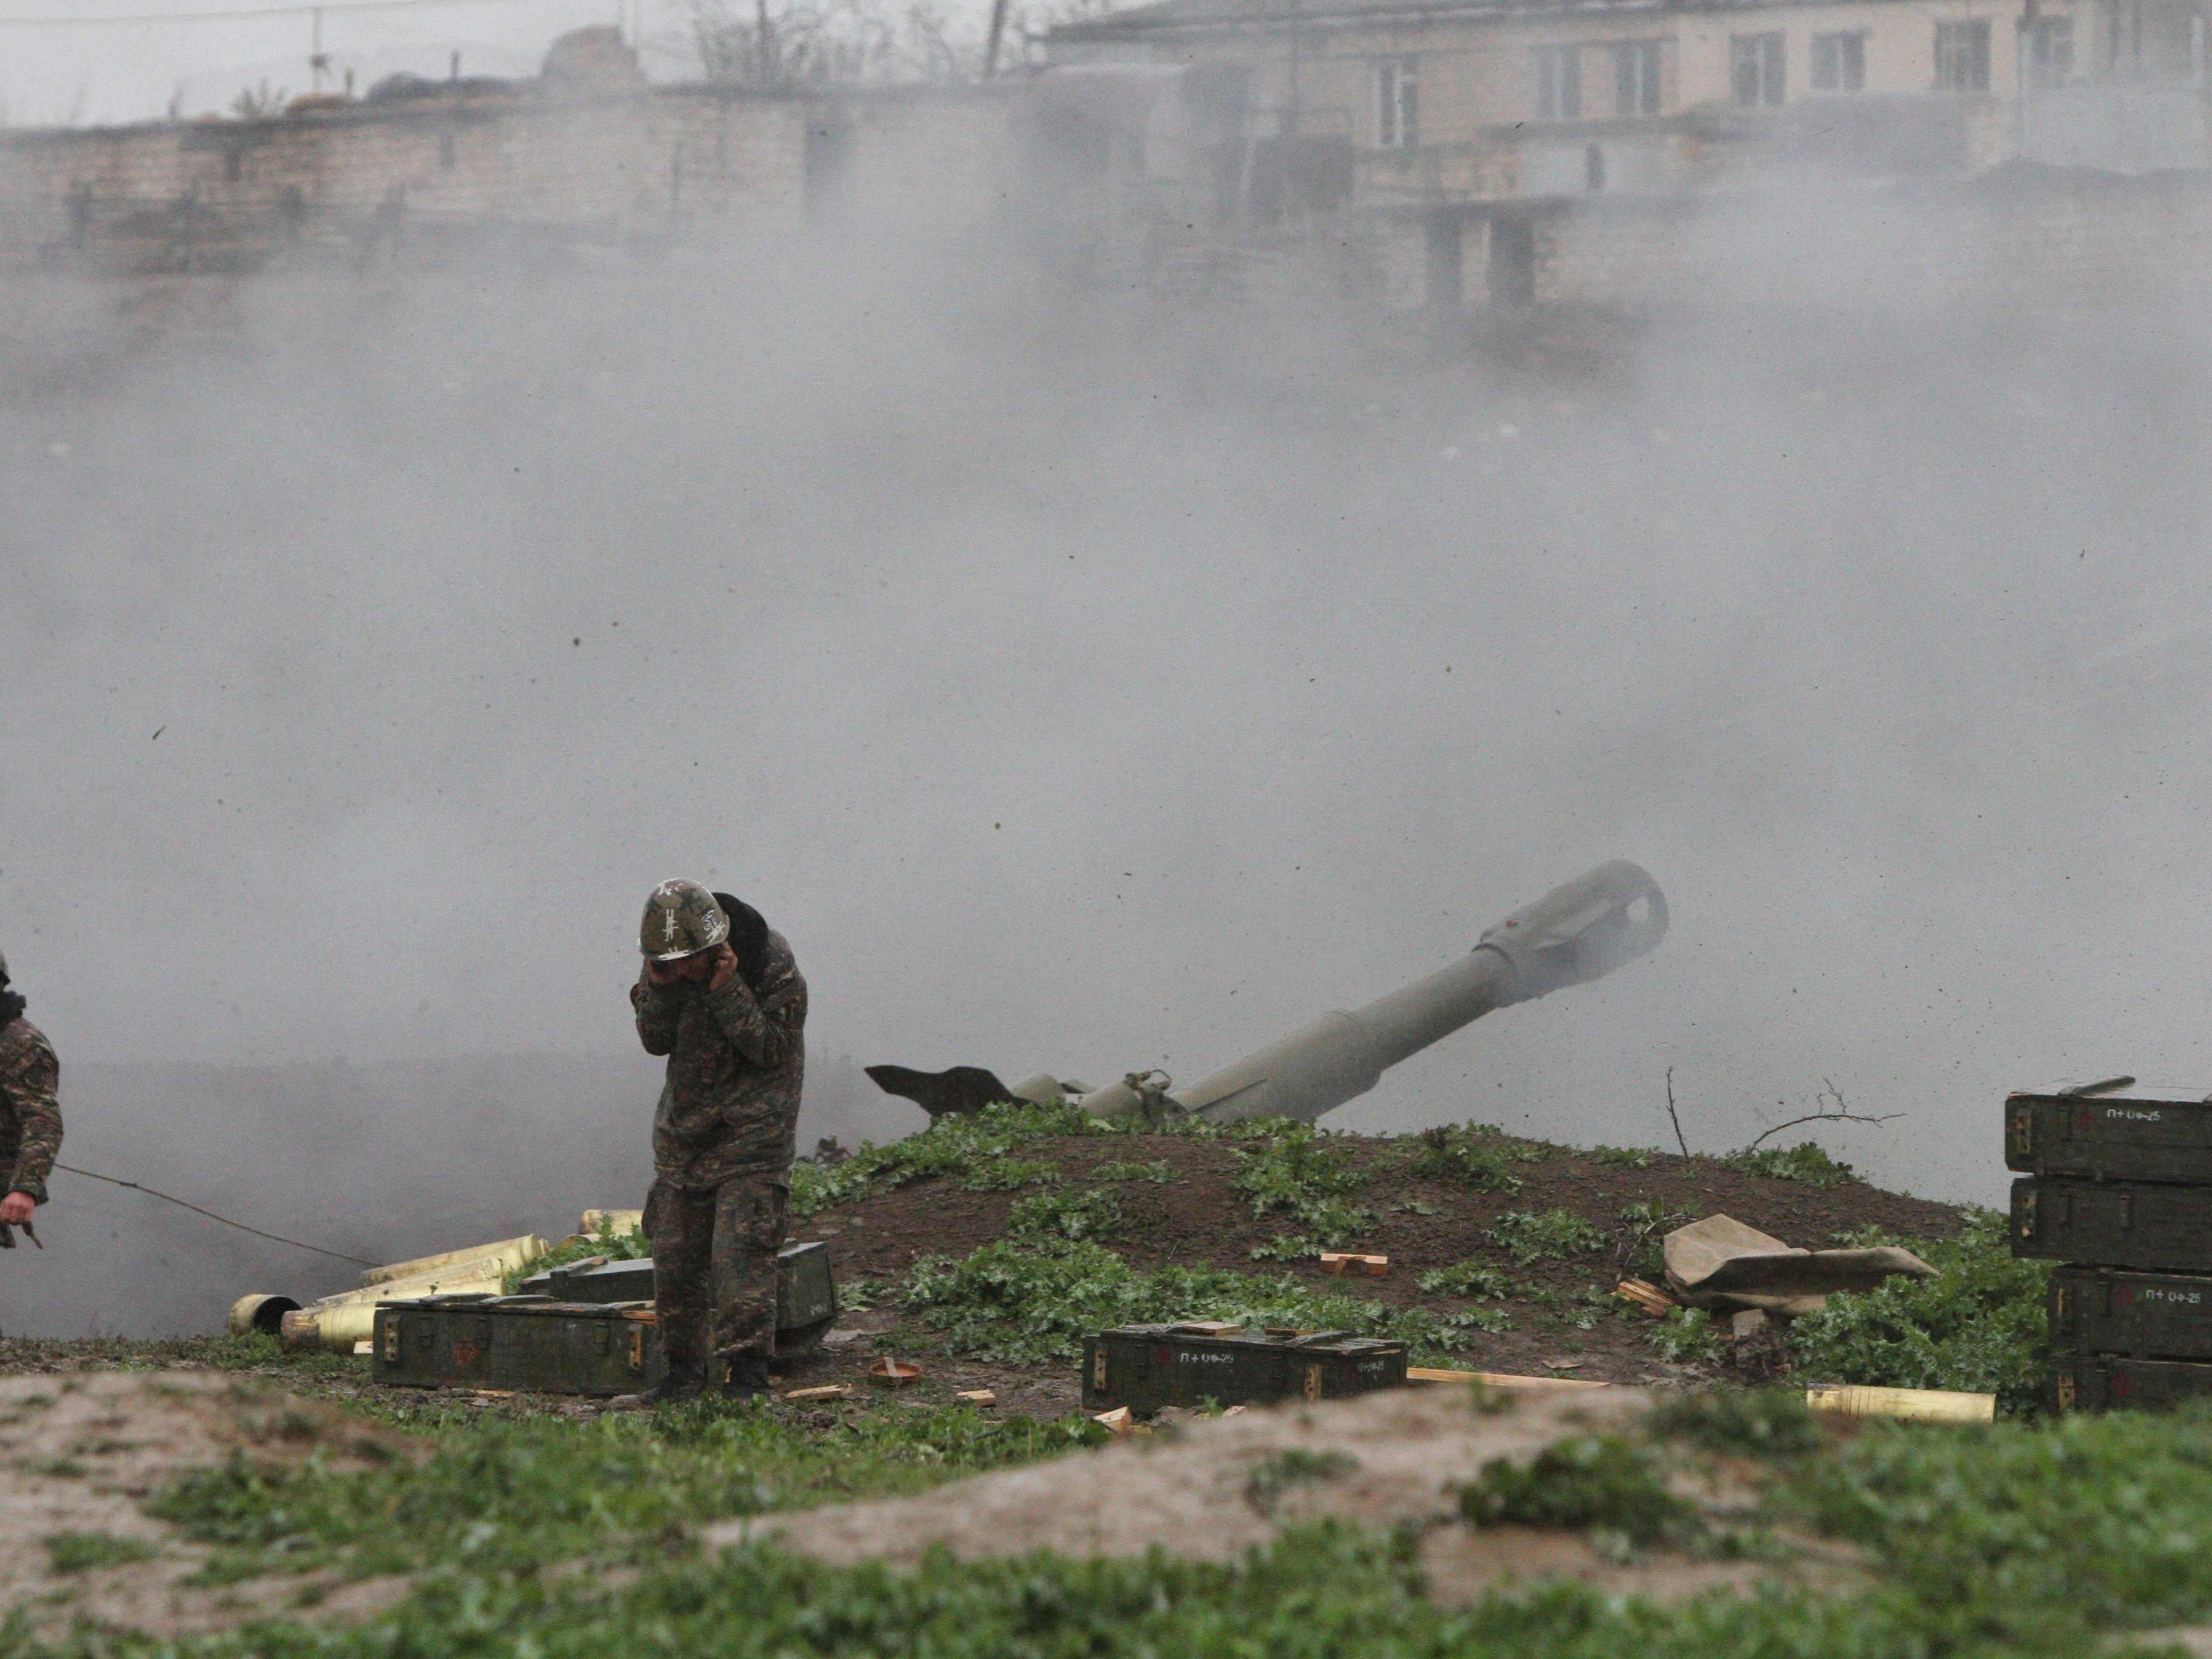 Regierung in Aserbaidschan bestätigte Behördenangaben aus Berg-Karabach.